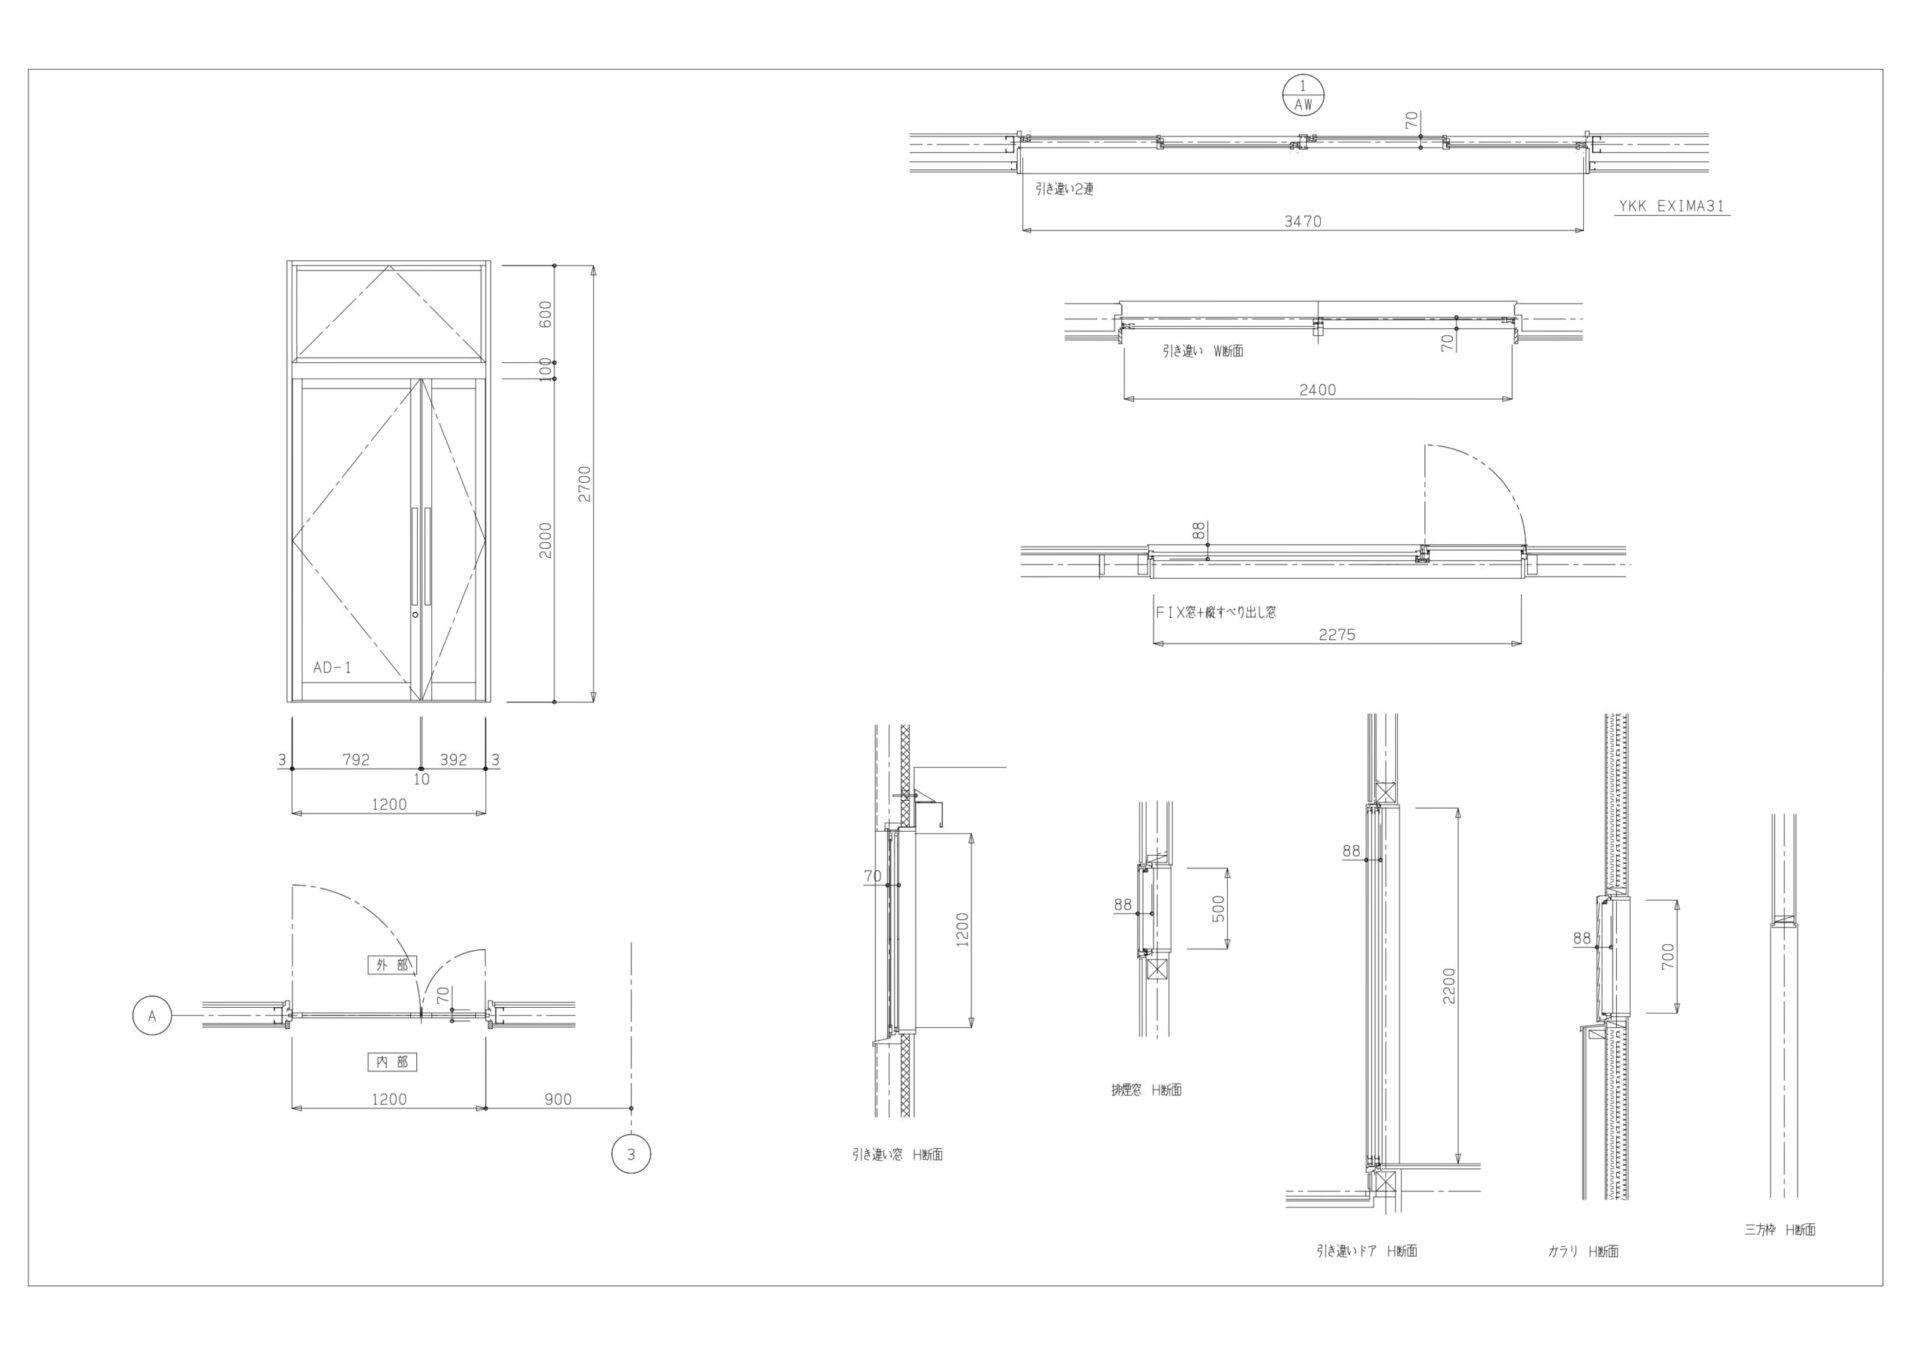 サッシ 簡易データ CAD